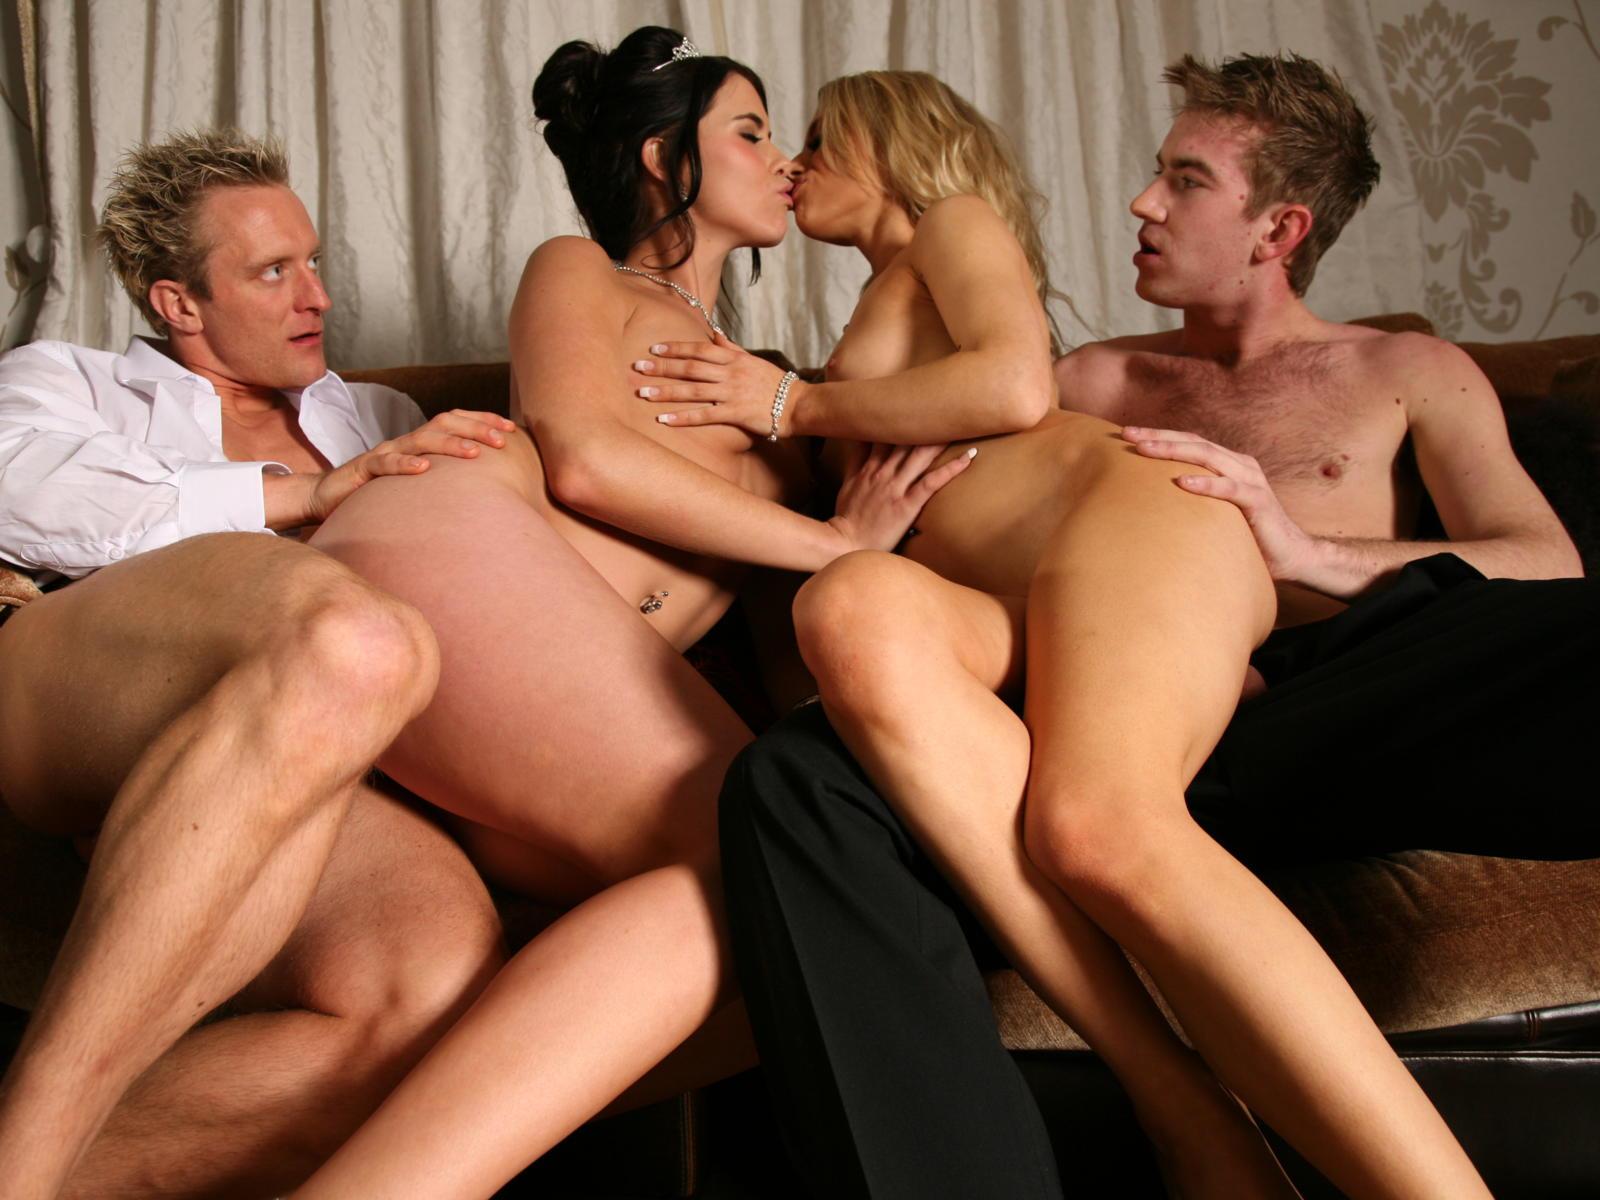 Michelle moist sex Download Photo 1600x1200 Megan Coxxx Michelle Moist Royal Romp Group Sex Blonde Brunette Porn Star Foursome Legs Id 166732